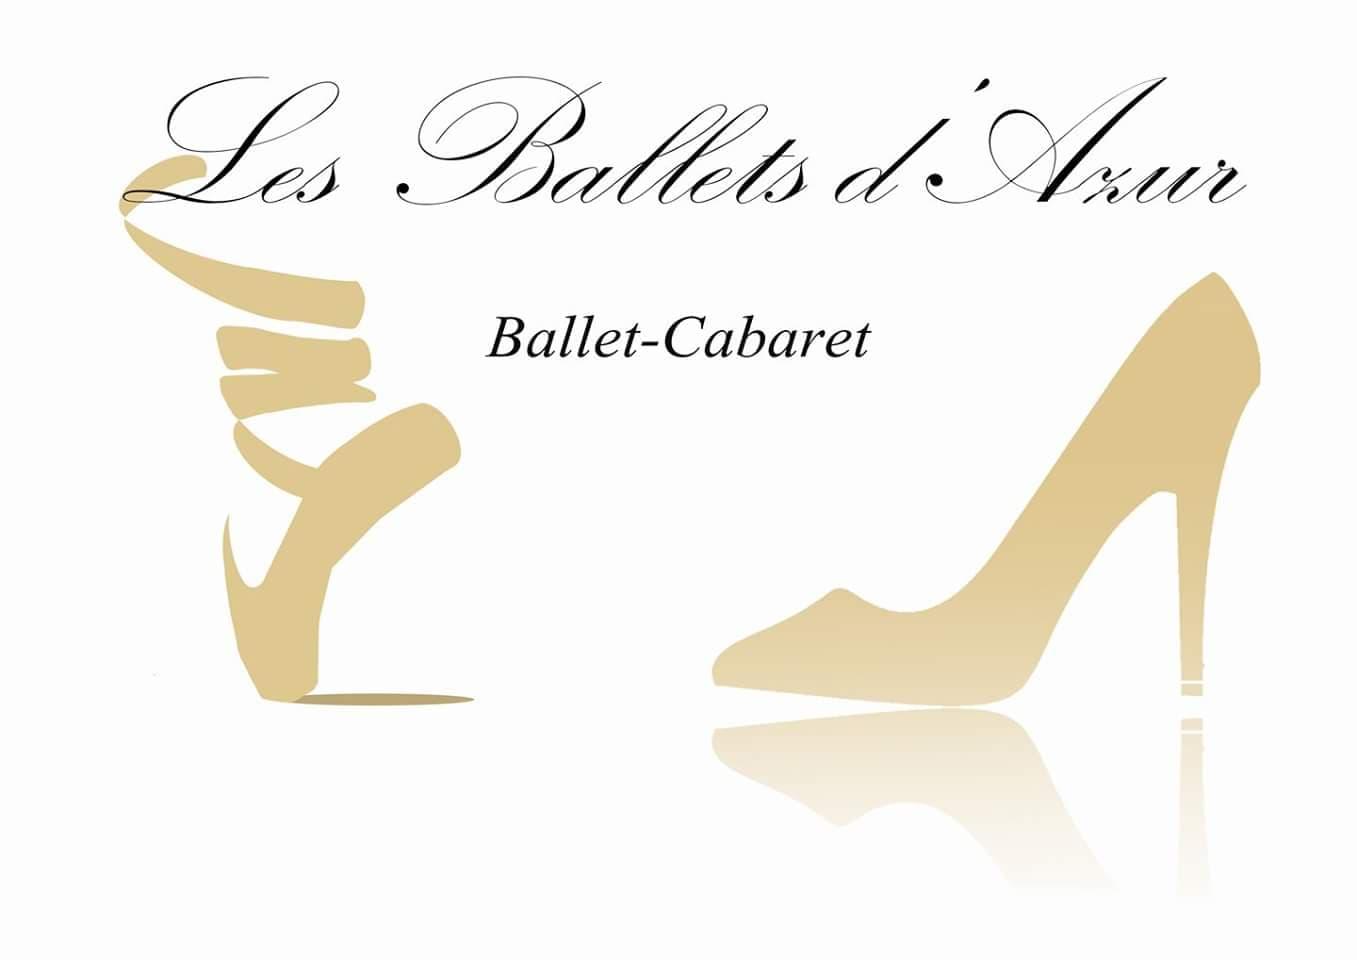 Les Ballets D'azur